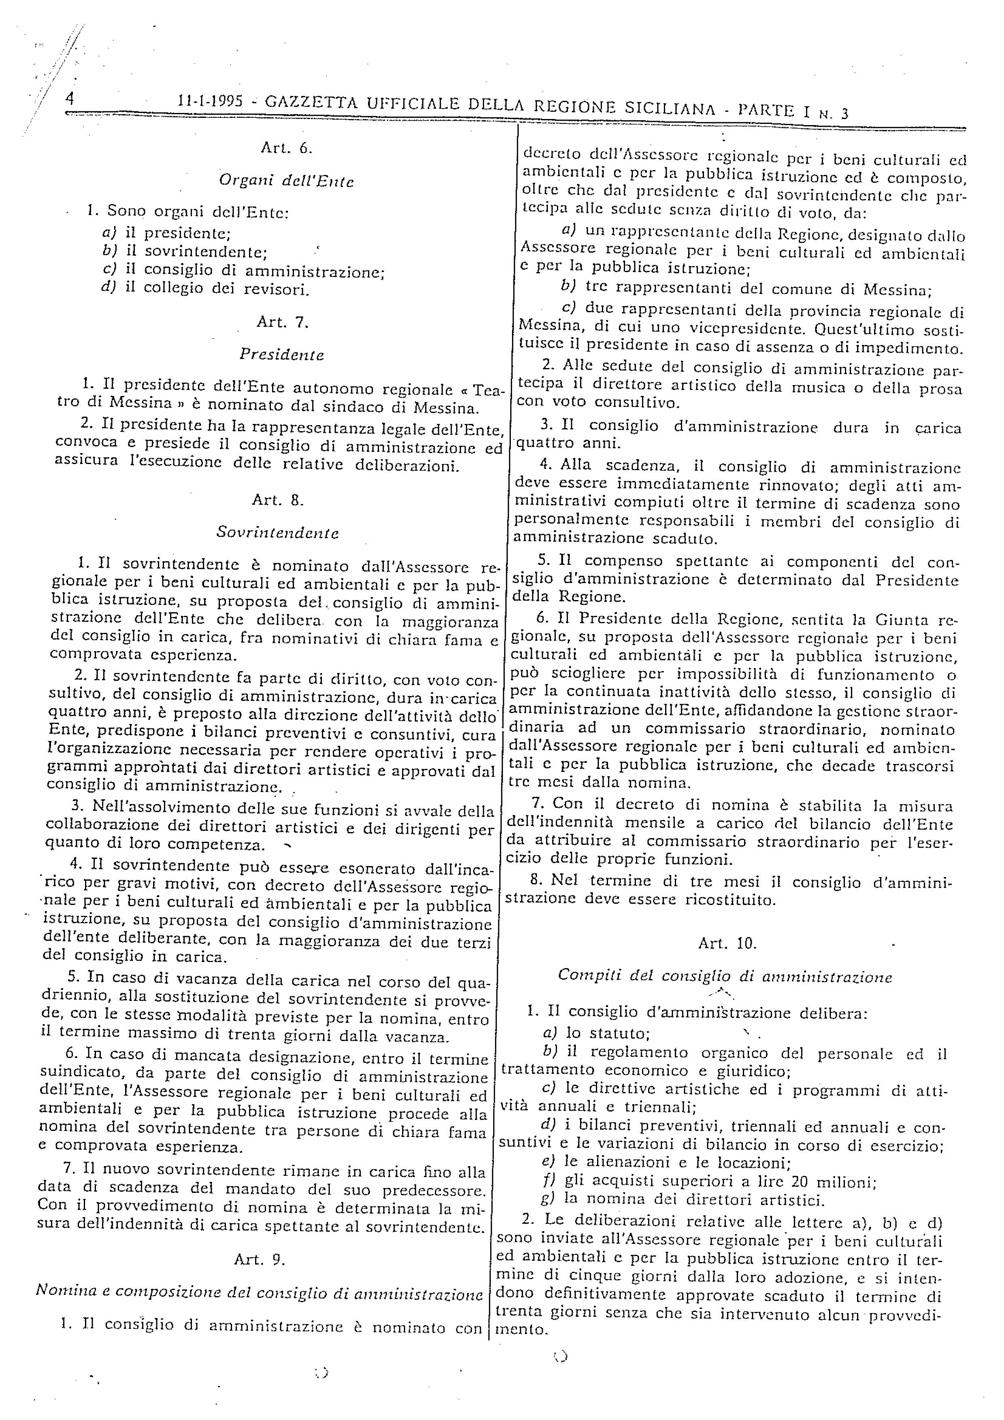 Legge 10 gennaio 1995 n. 4_Pagina_3